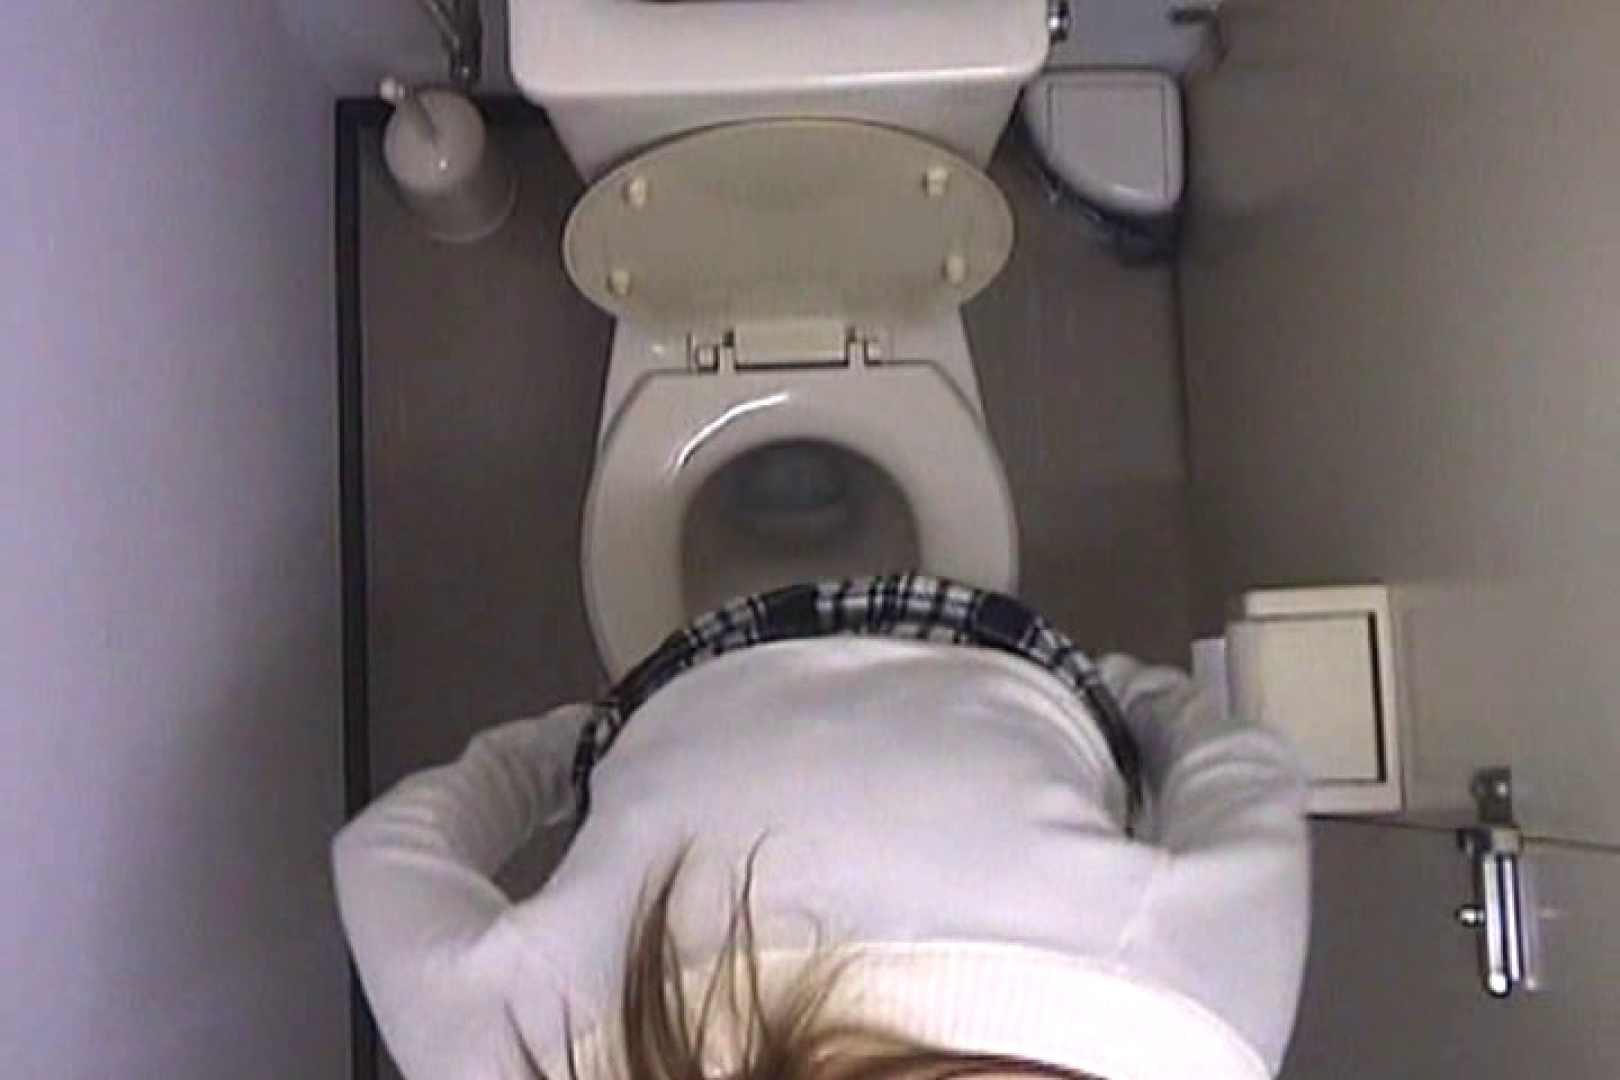 雑居ビル洗面所オナニーVol.2 ナプキン おまんこ動画流出 79pic 59